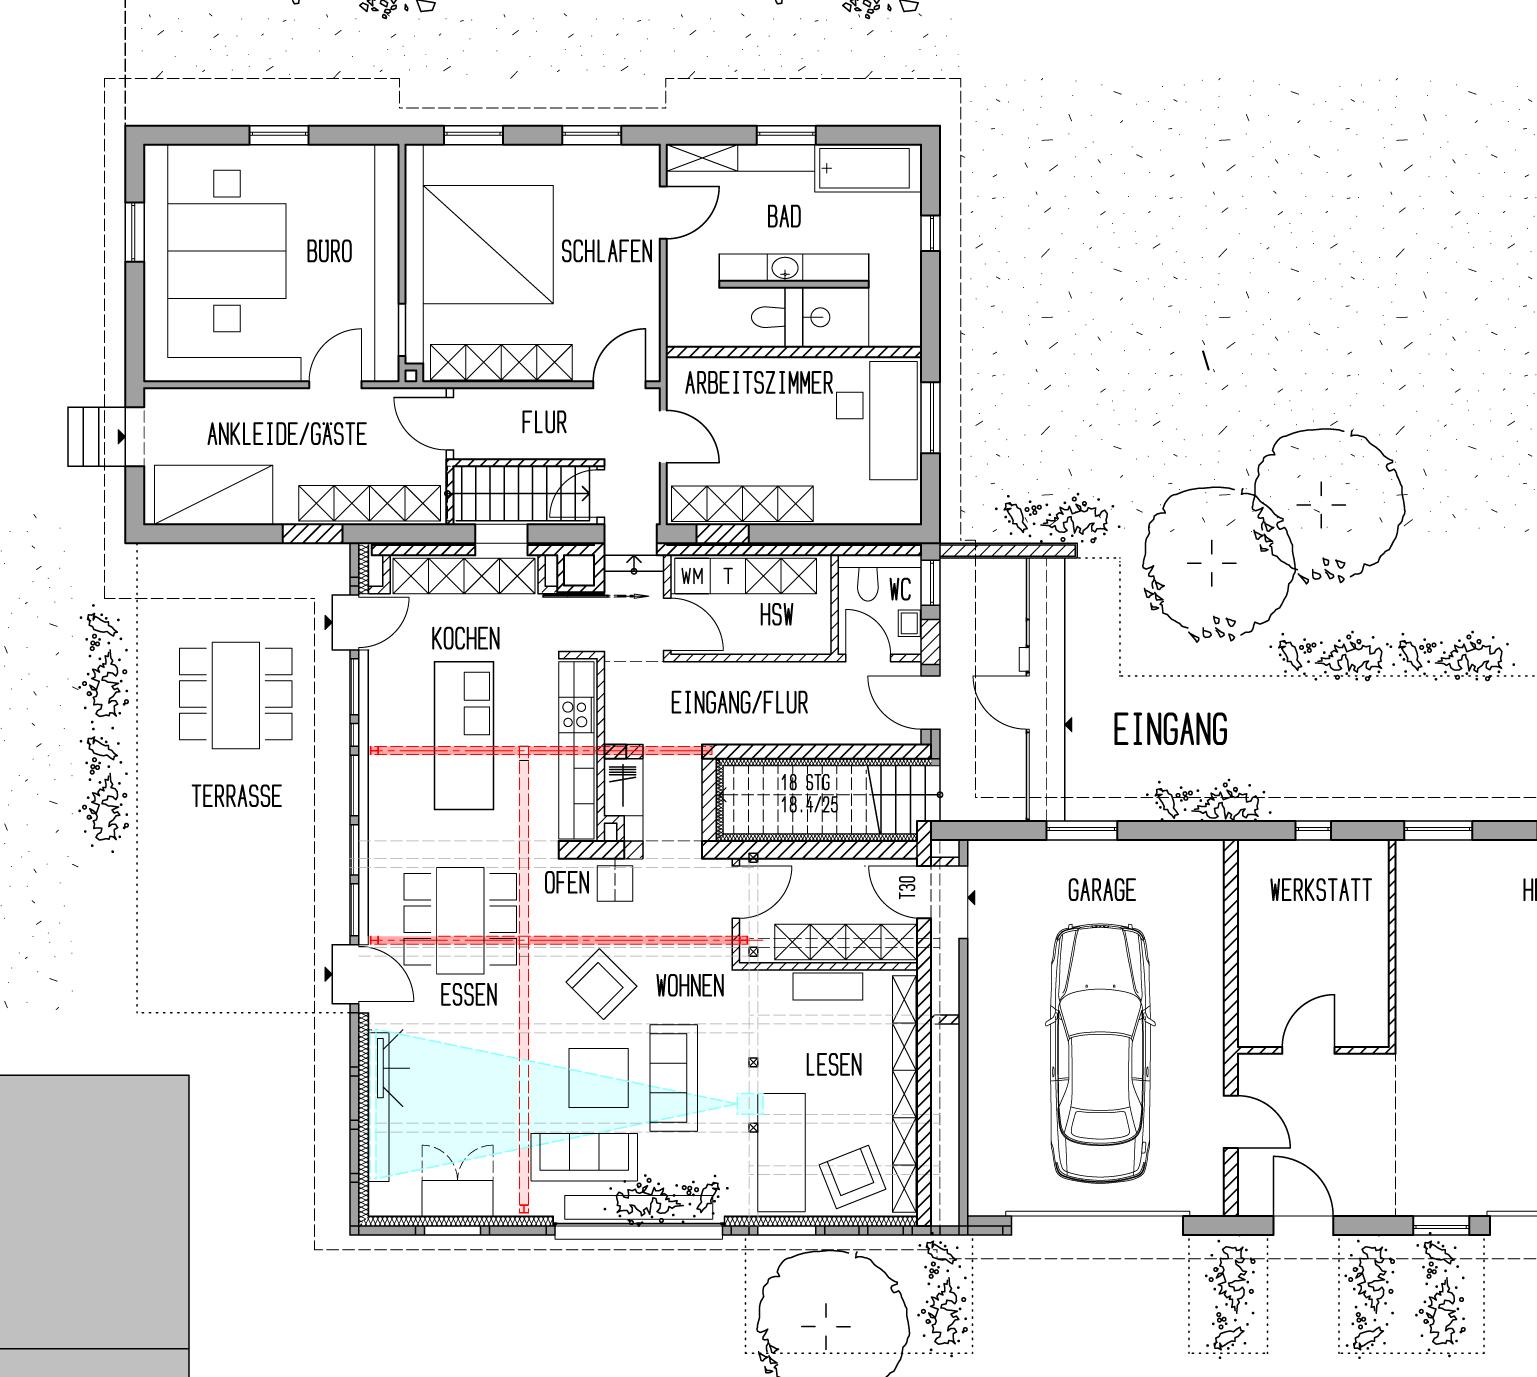 adk 192 offene r ume so soll es werden. Black Bedroom Furniture Sets. Home Design Ideas